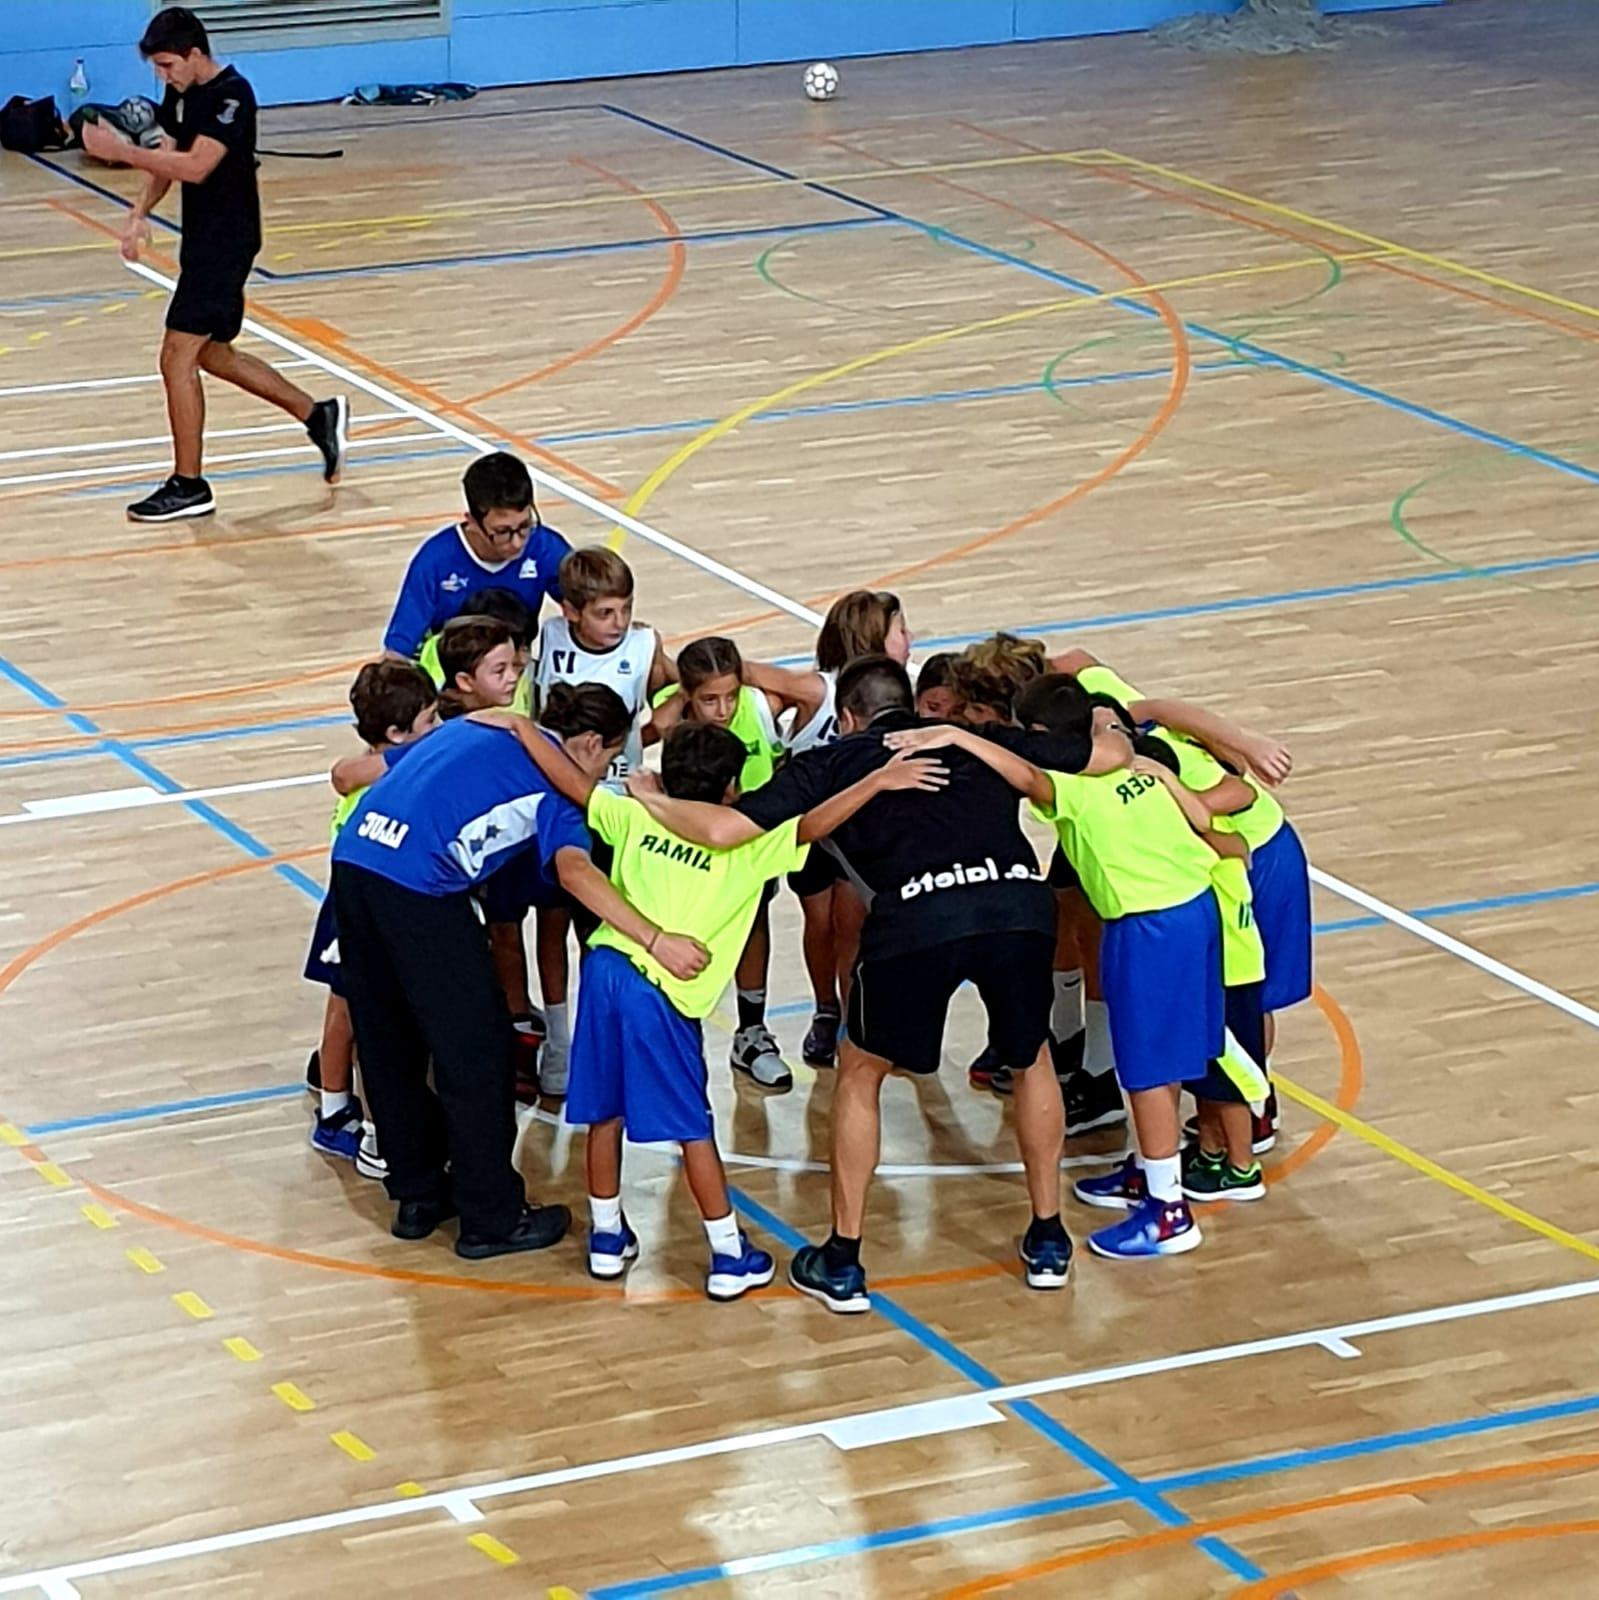 Bàsquet ... jornada 5-6 d'octubre : ja tothom ha començat